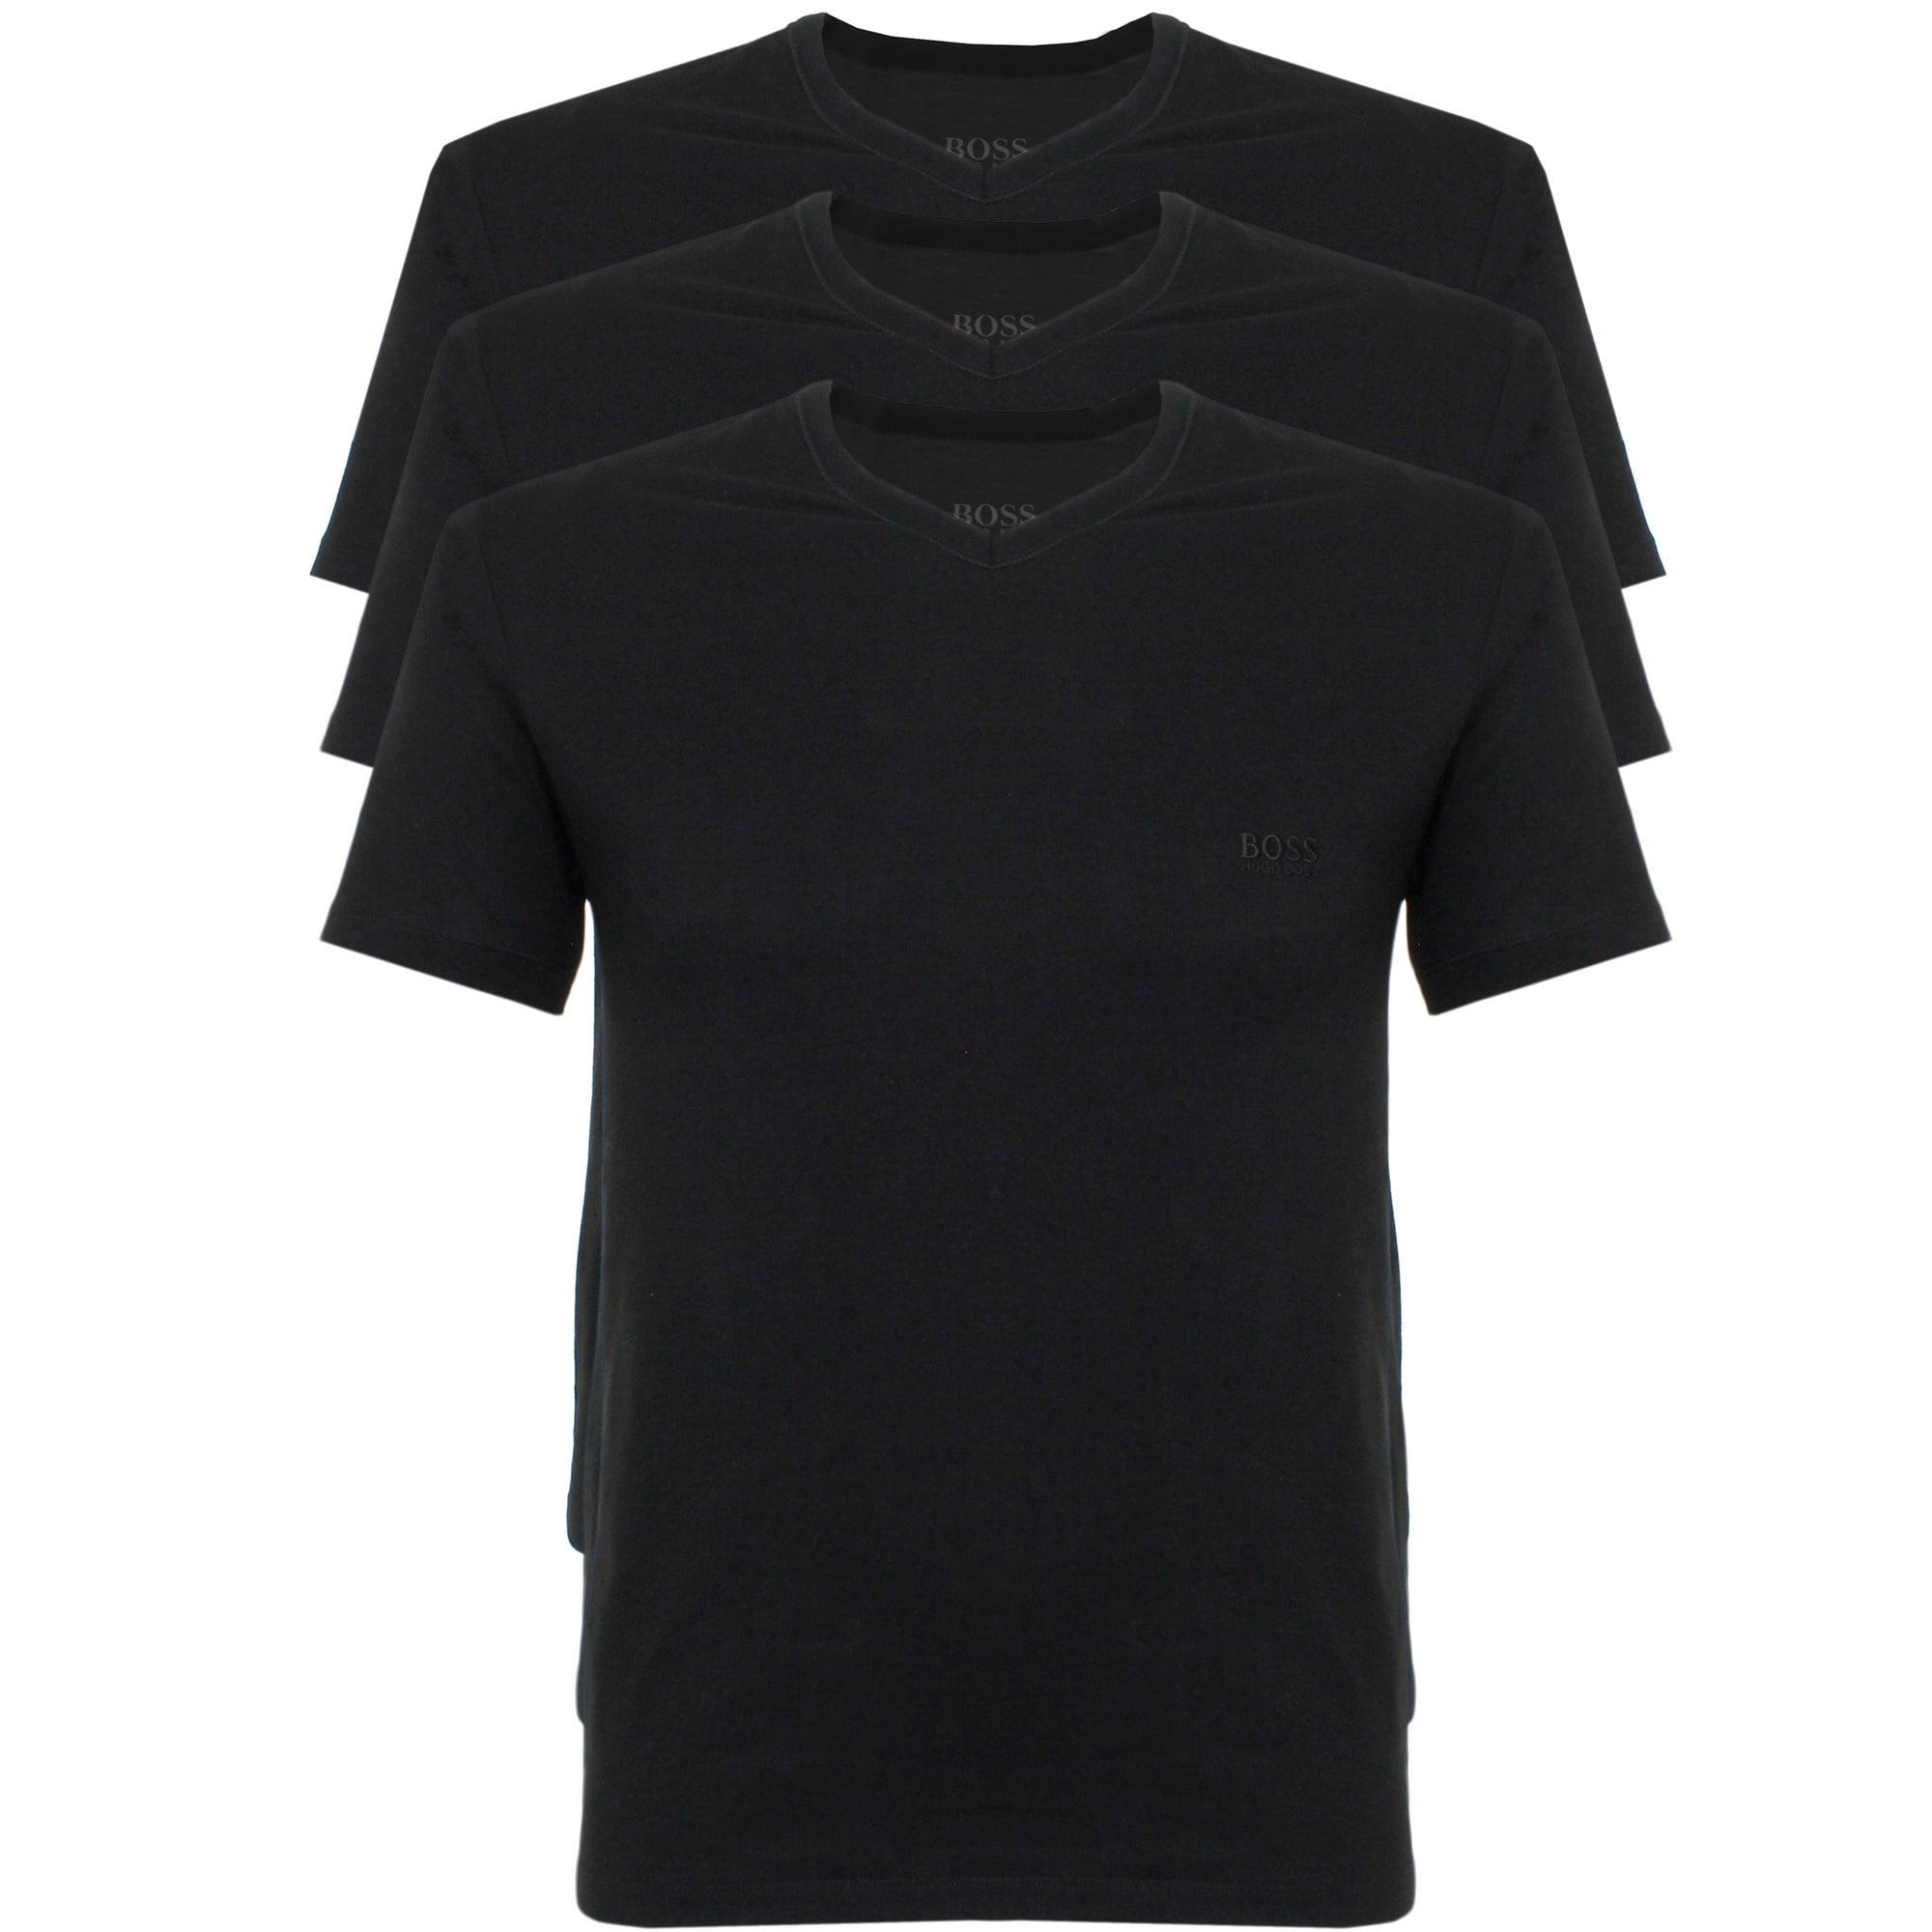 124432e859 Hugo Boss Triple Pack V-neck Black T-Shirt - Christmas Gift